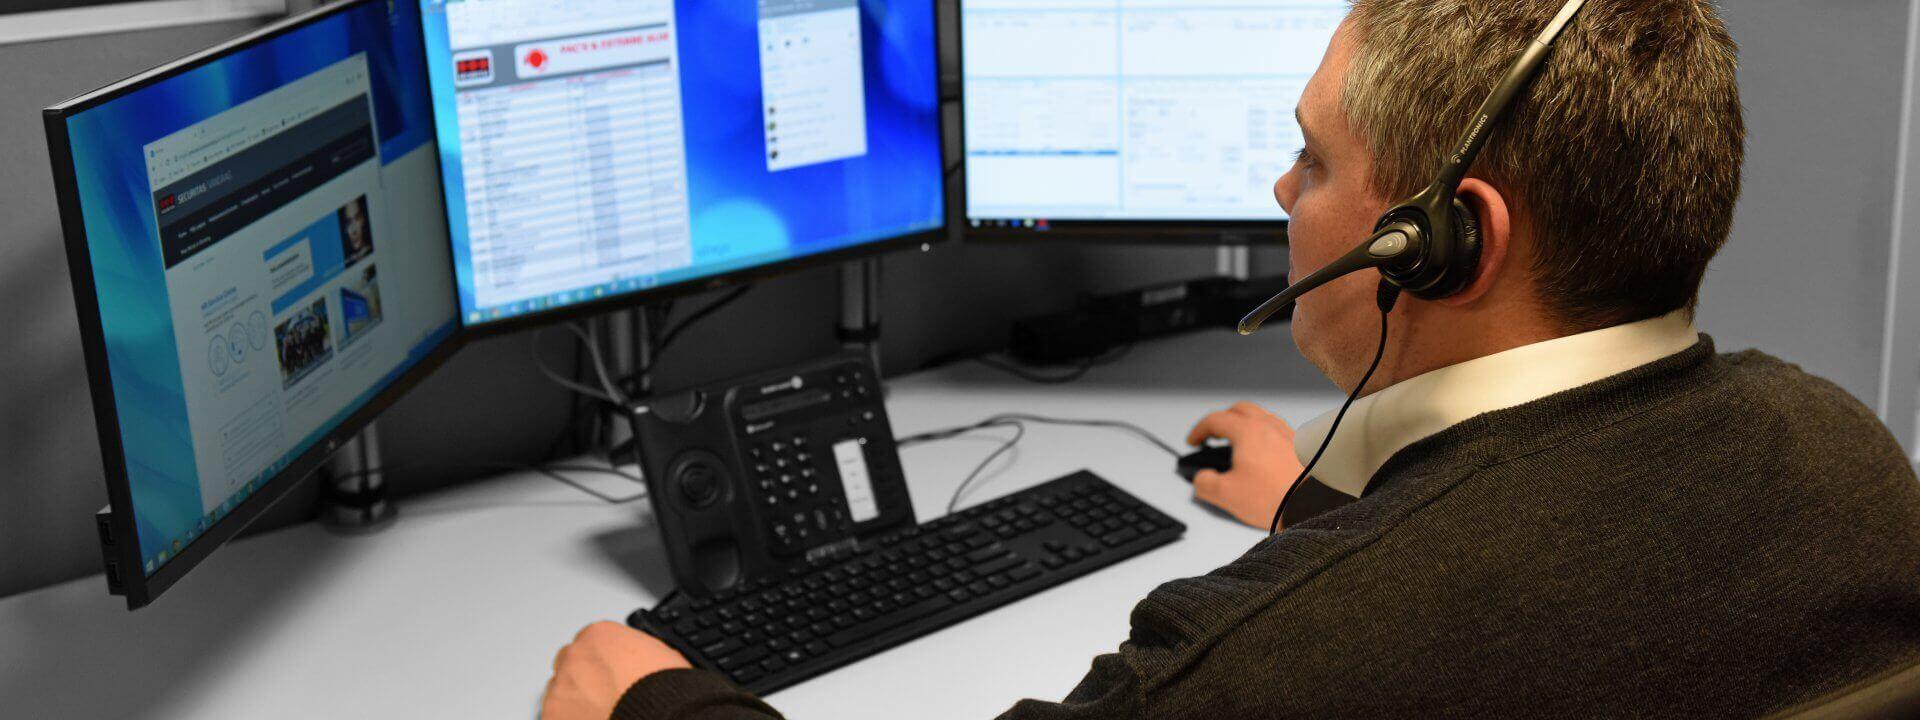 Efficientere alarmopvolging header Securitas